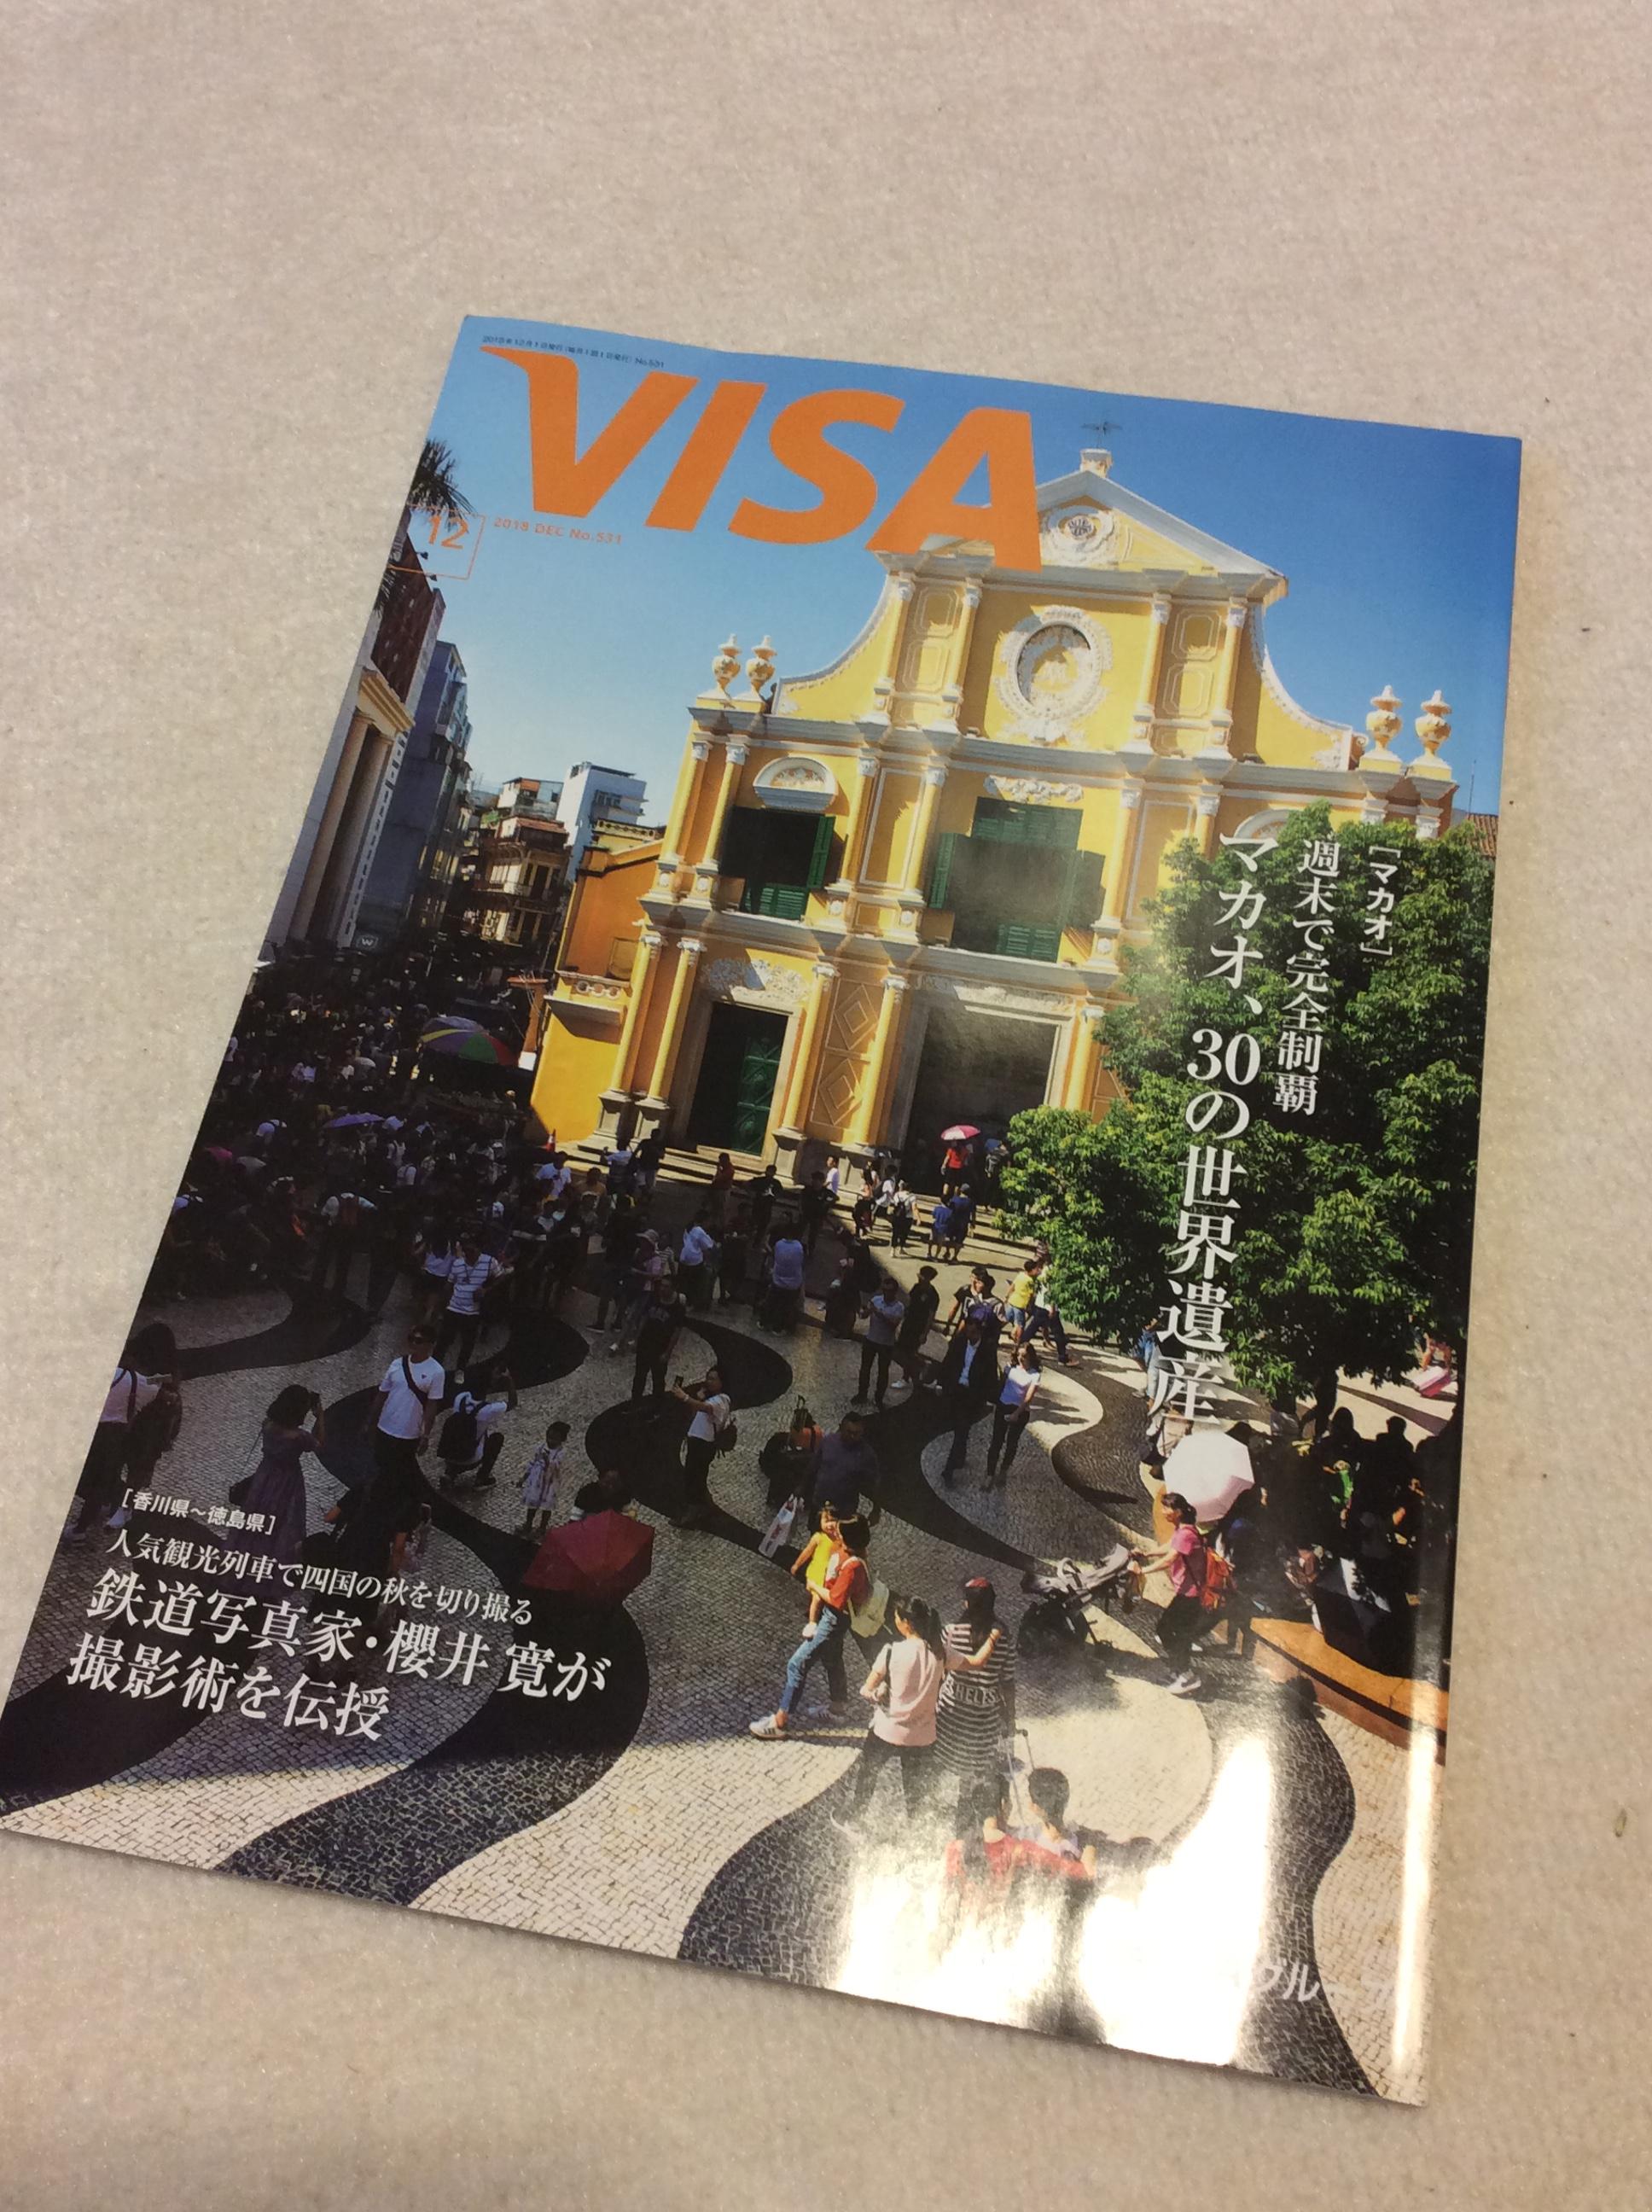 月刊VISA 2018年12月号 マカオ特集